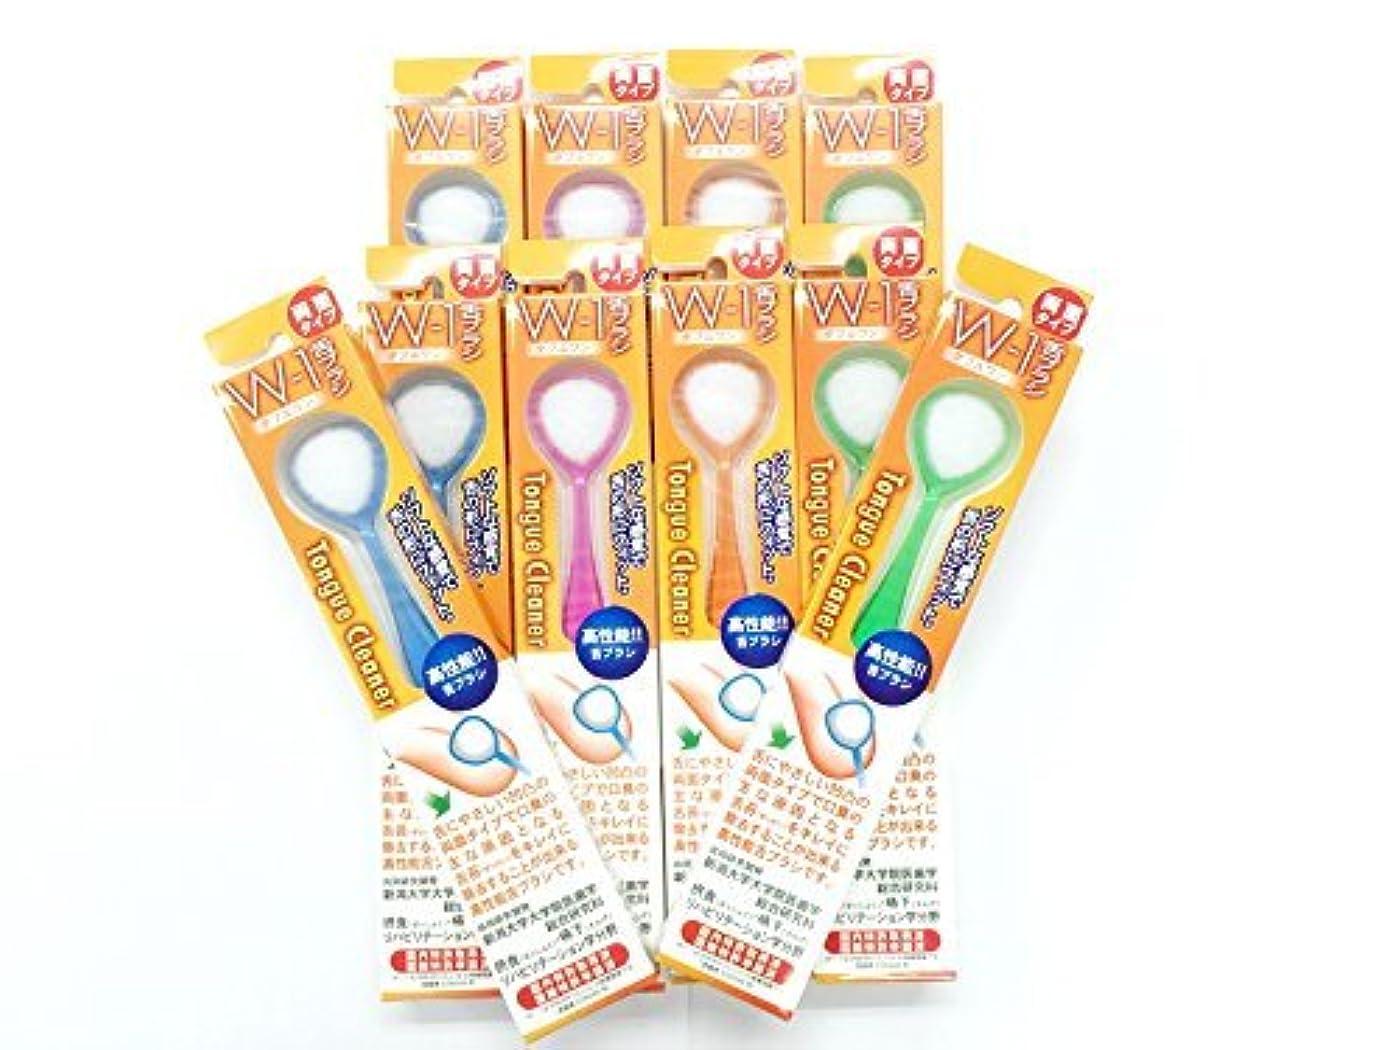 仮装復活する感度四季園 舌クリーナー W‐1(ダブルワン) 舌専用の舌ブラシ×10点セット  ※色は選べません